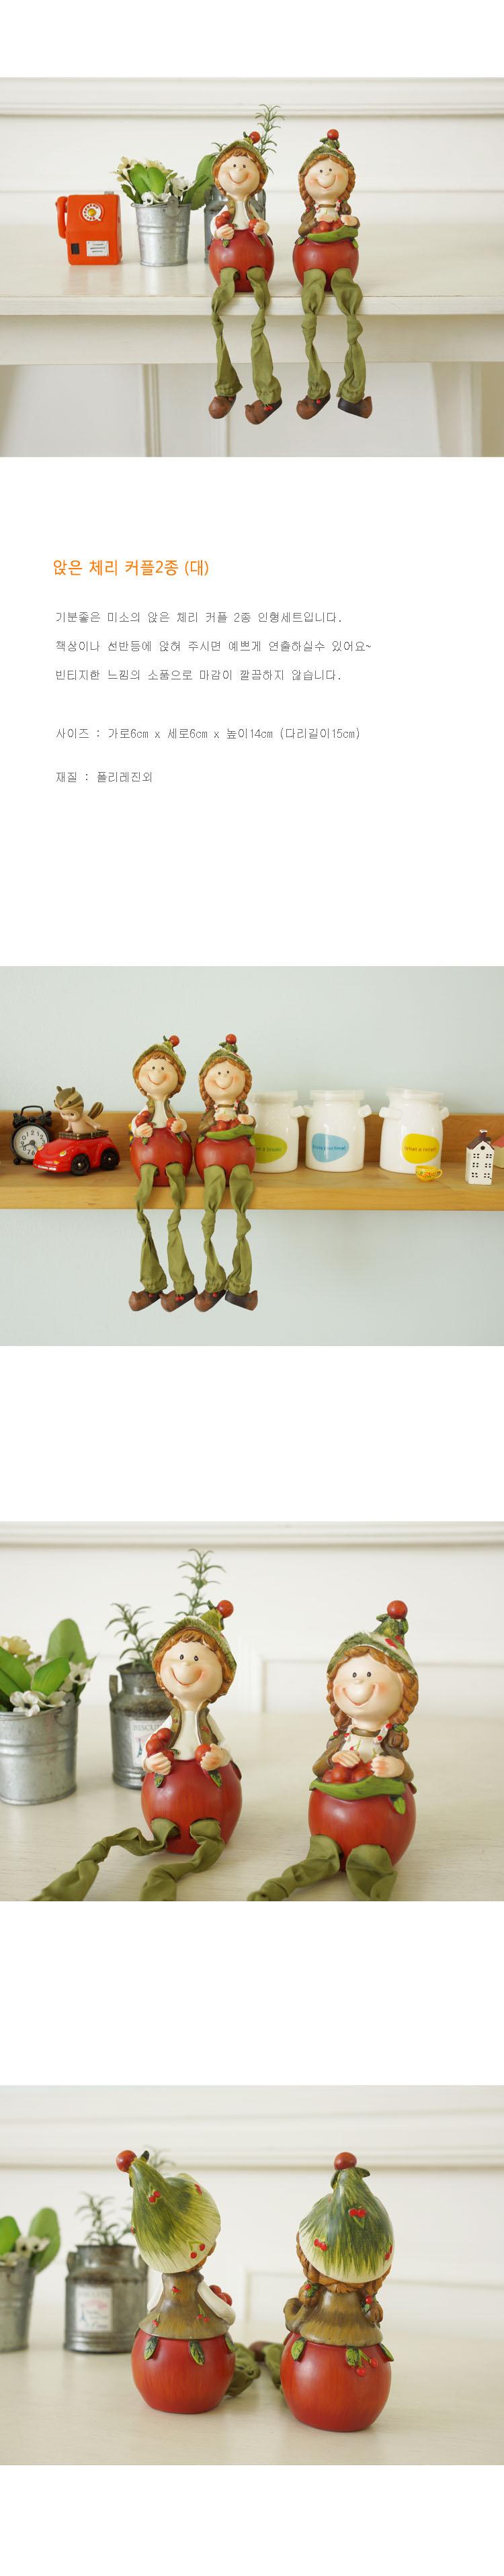 테이블장식품,벽장식,인테리어소품,개업식선물,집들이선물